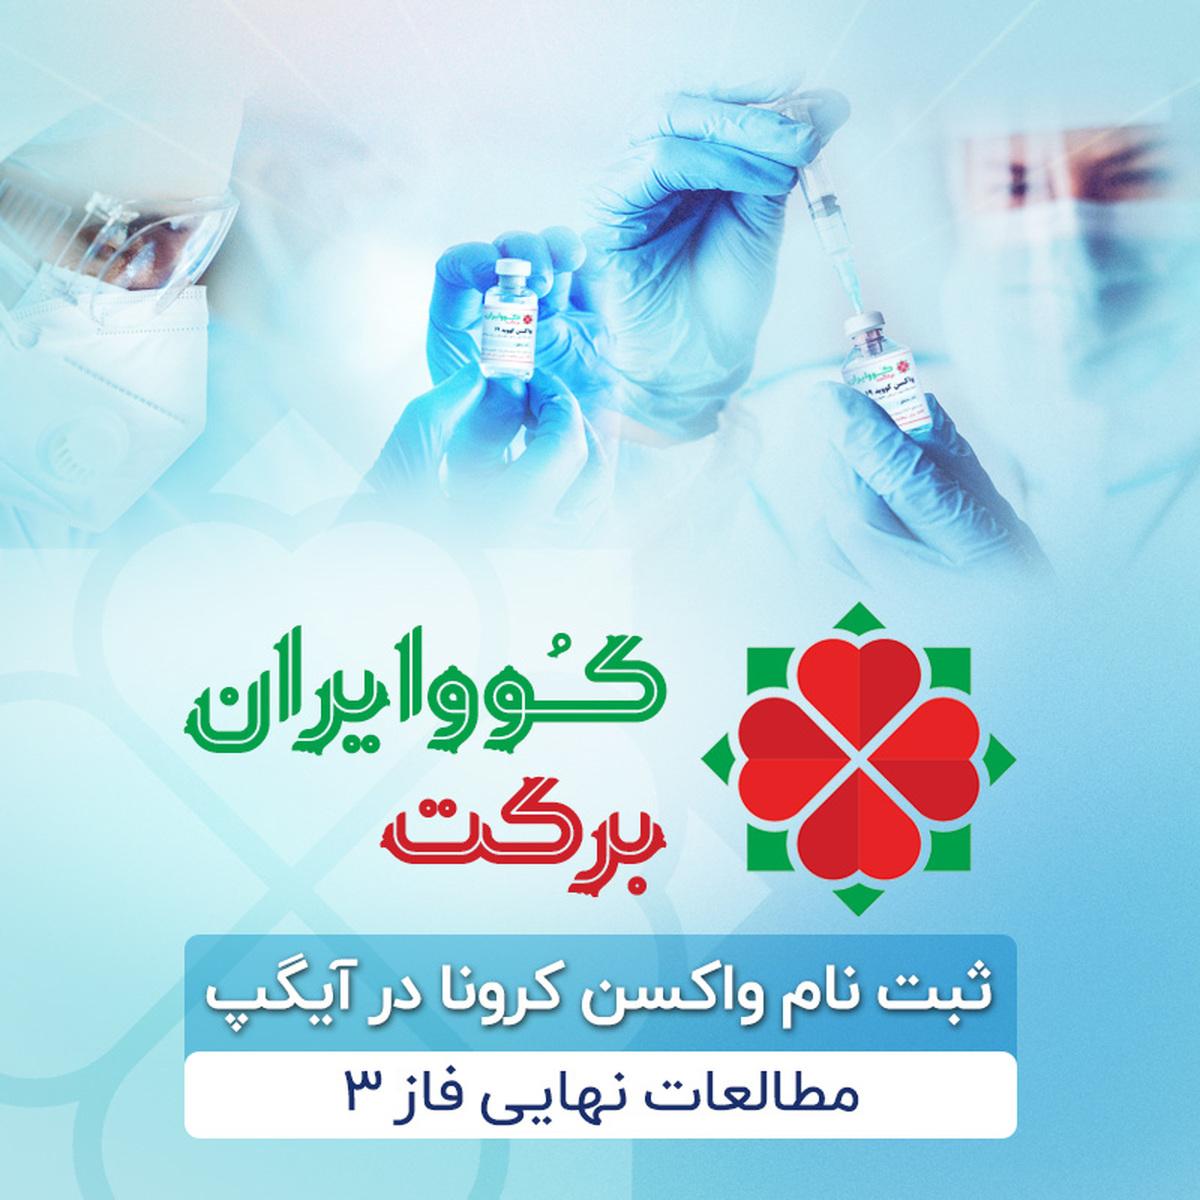 ثبت نام واکسن کرونا کوو ایران برکت در آیگپ